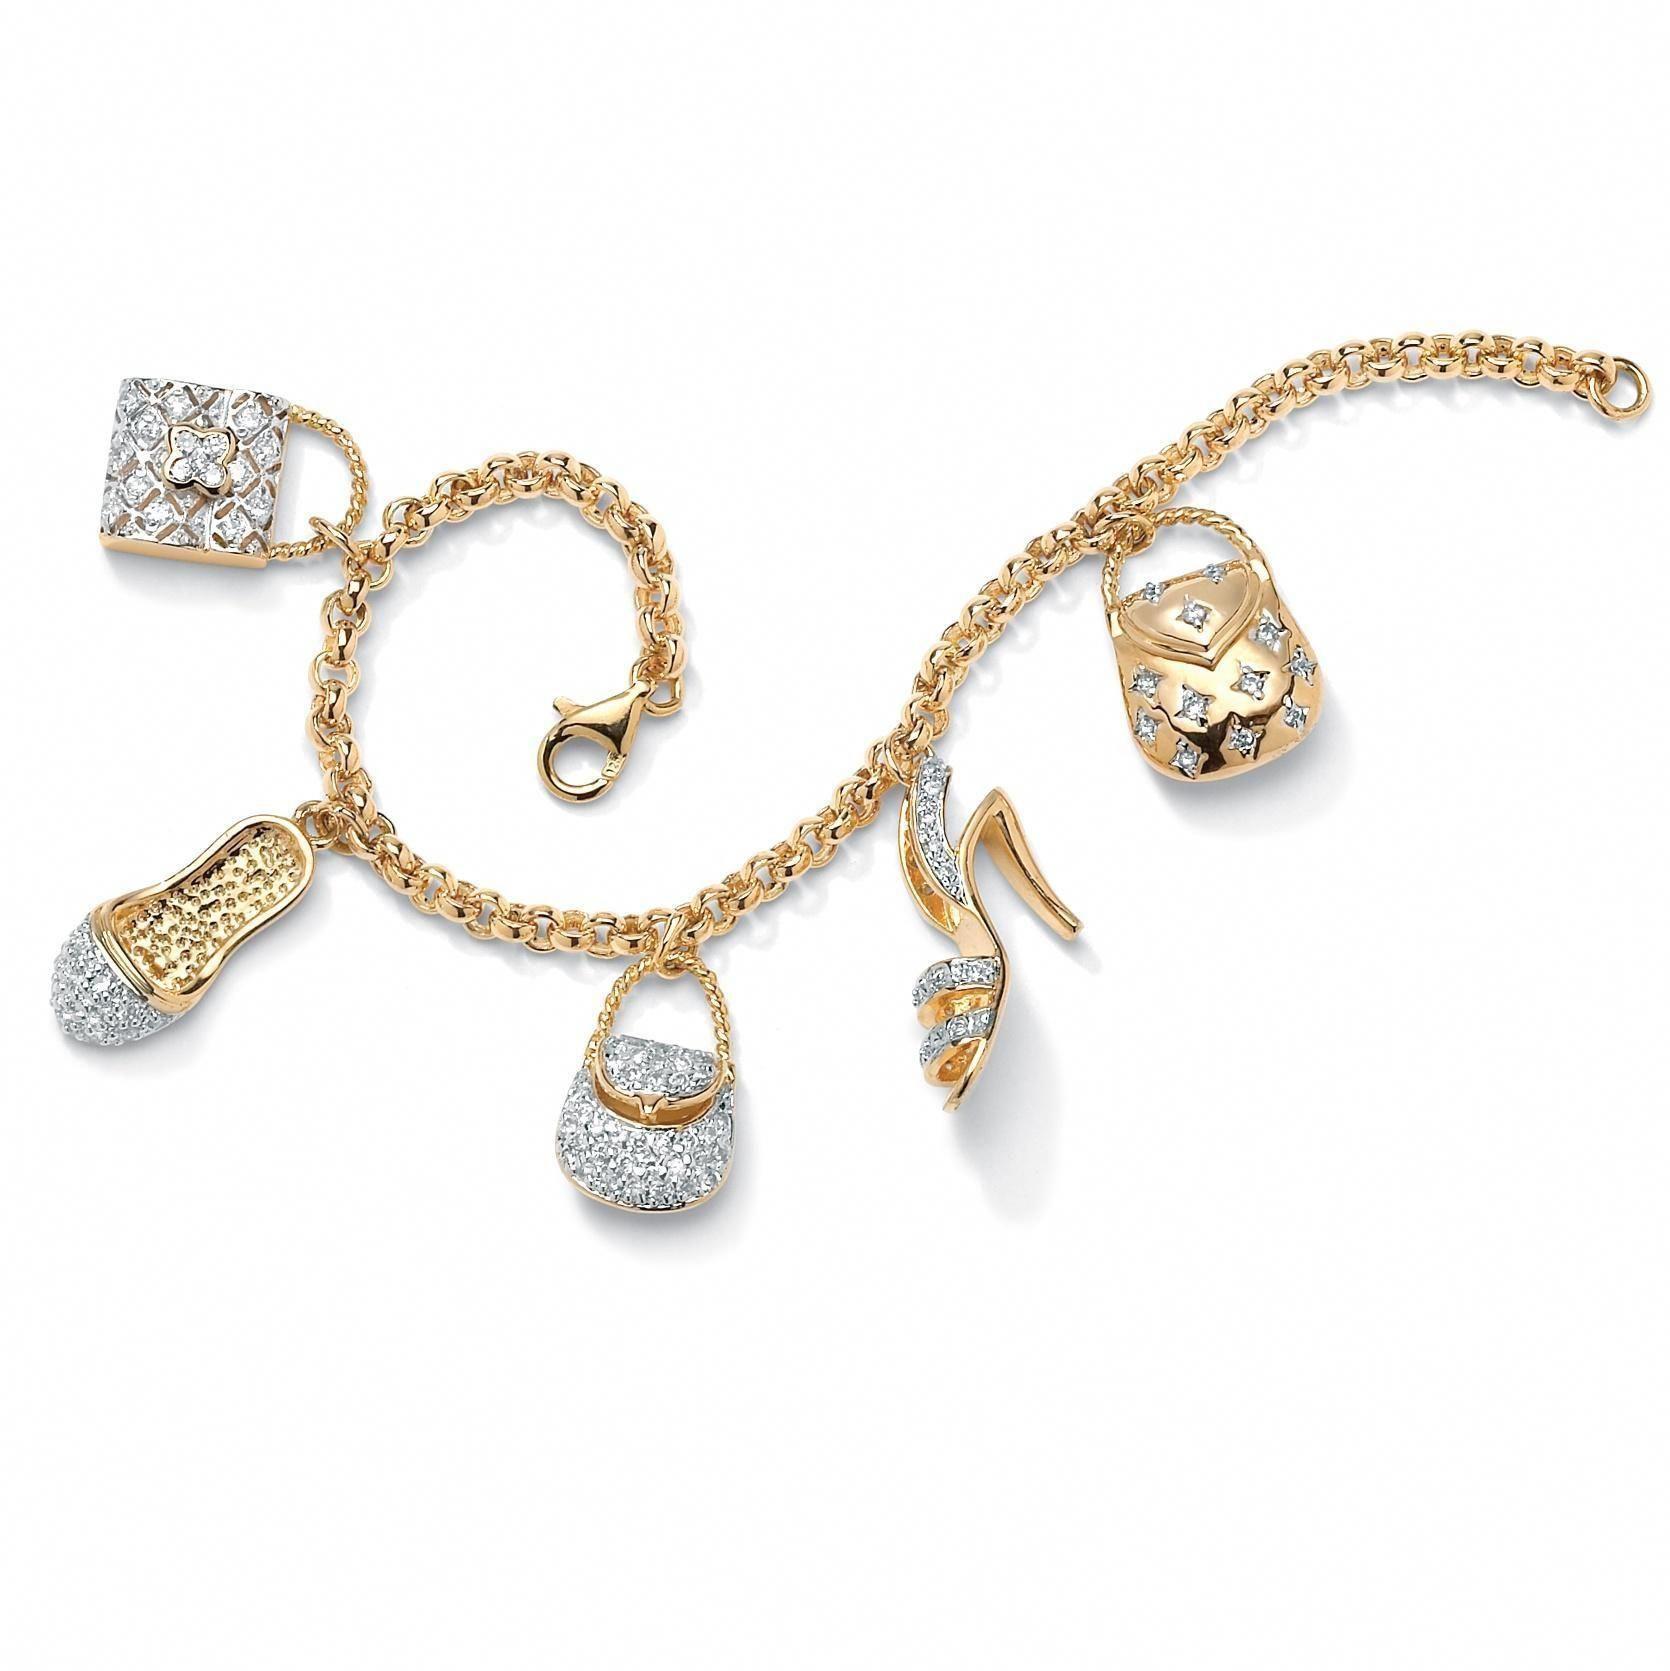 88215006dbbd99fa0f5d55228afdcd34 - I Love Jewelry Palm Beach Gardens